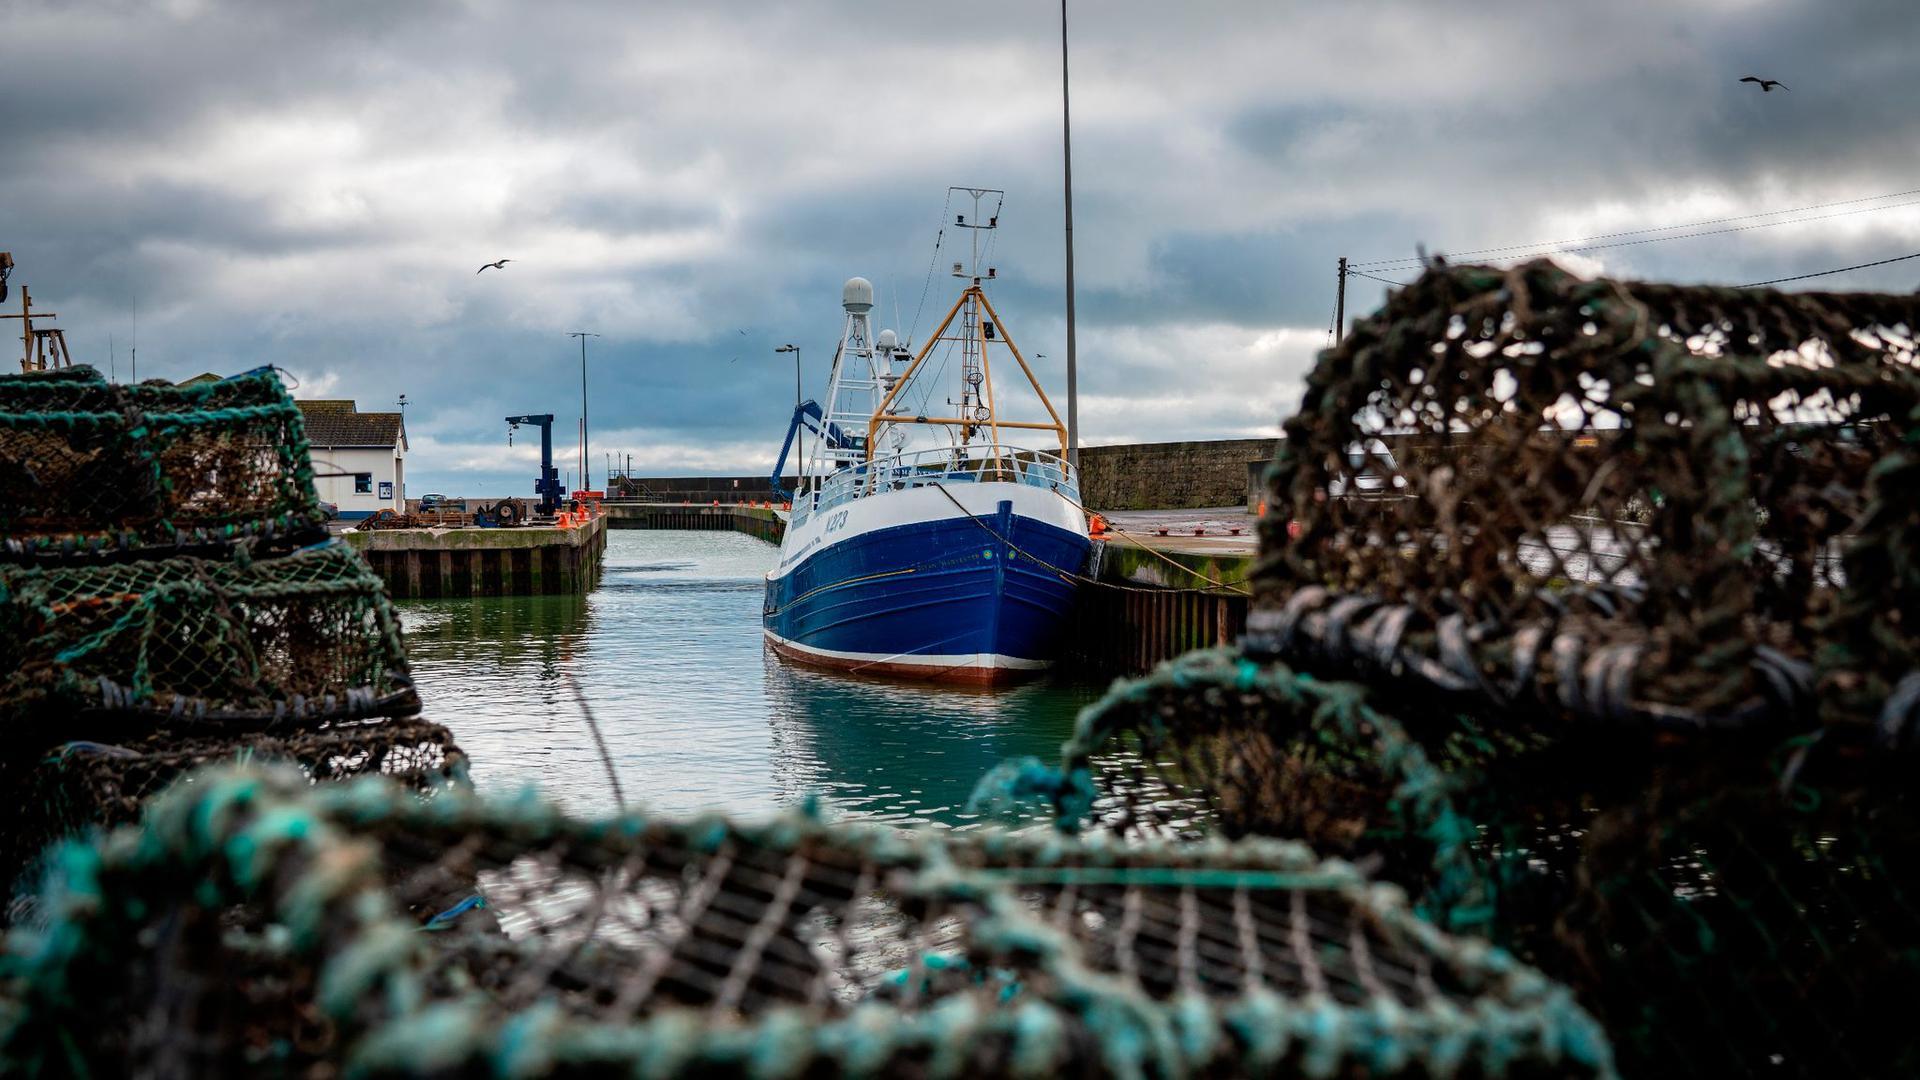 Ein Fischerboot liegt im Hafen von Kilkeel in Nordirland.